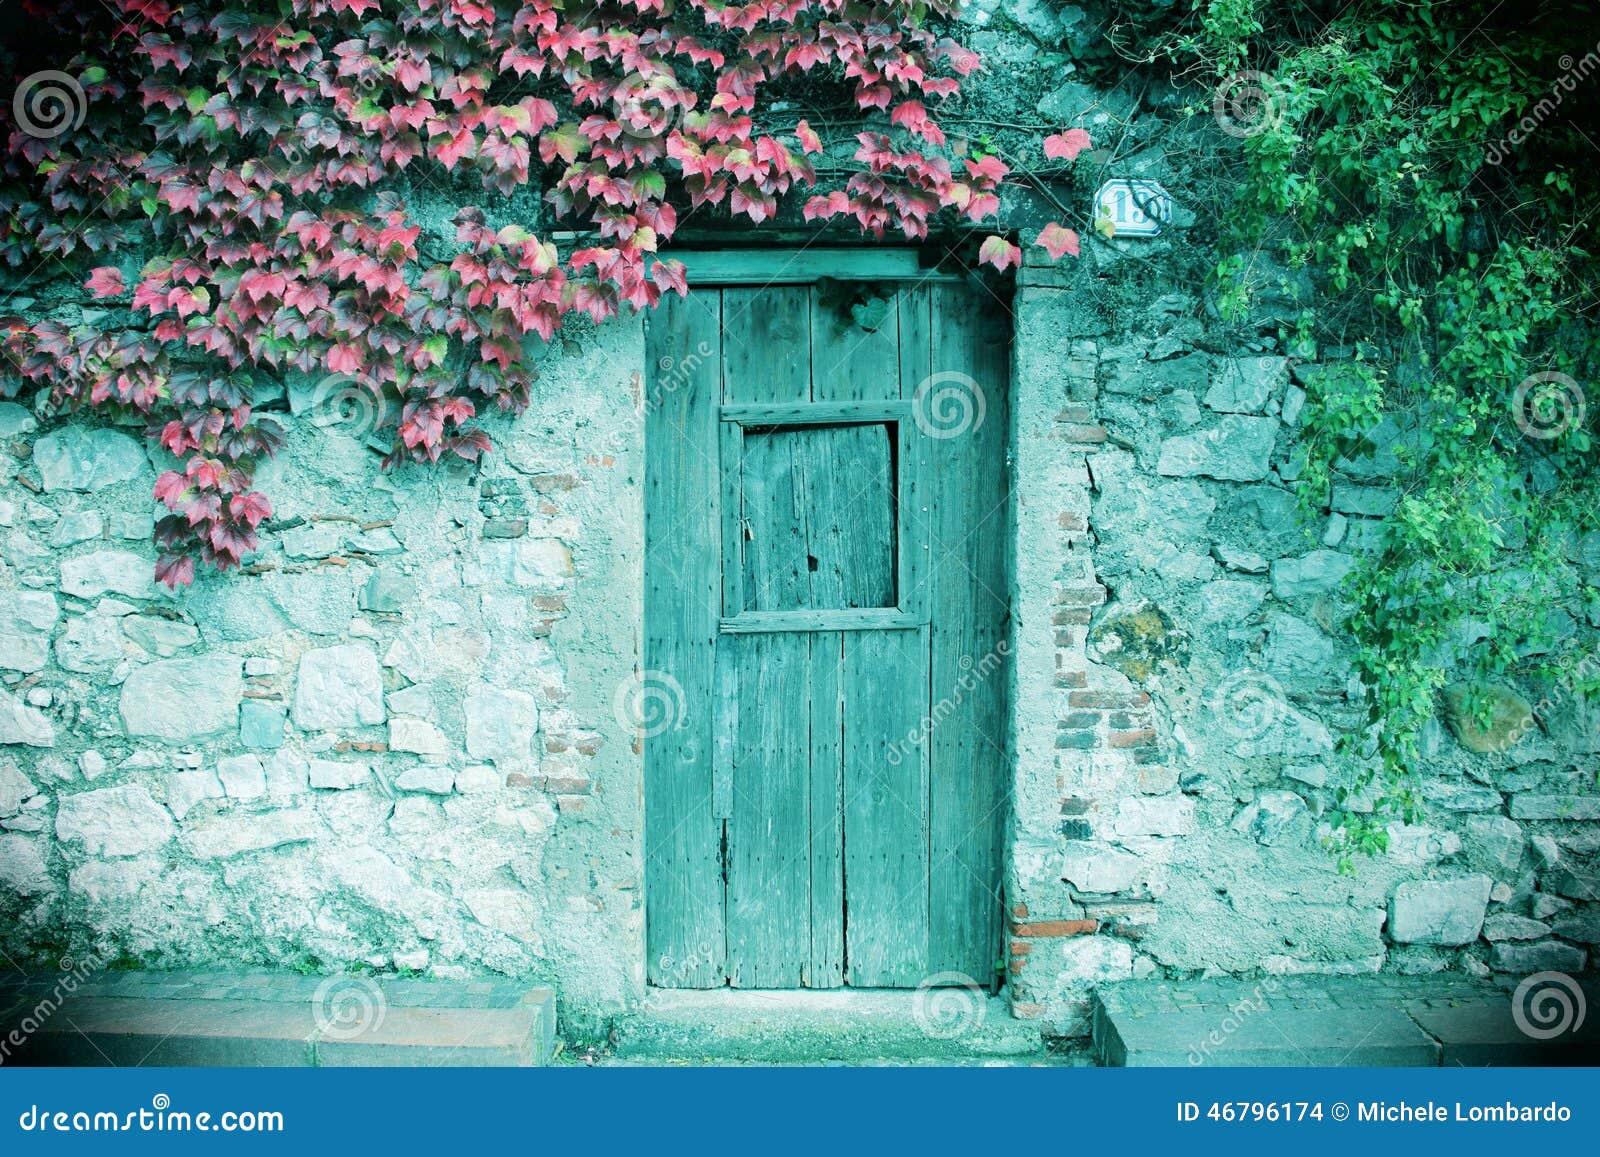 Geschlossene tür zeichnung  Alte Steinwand Und Eine Hölzerne Geschlossene Tür Stockfoto - Bild ...